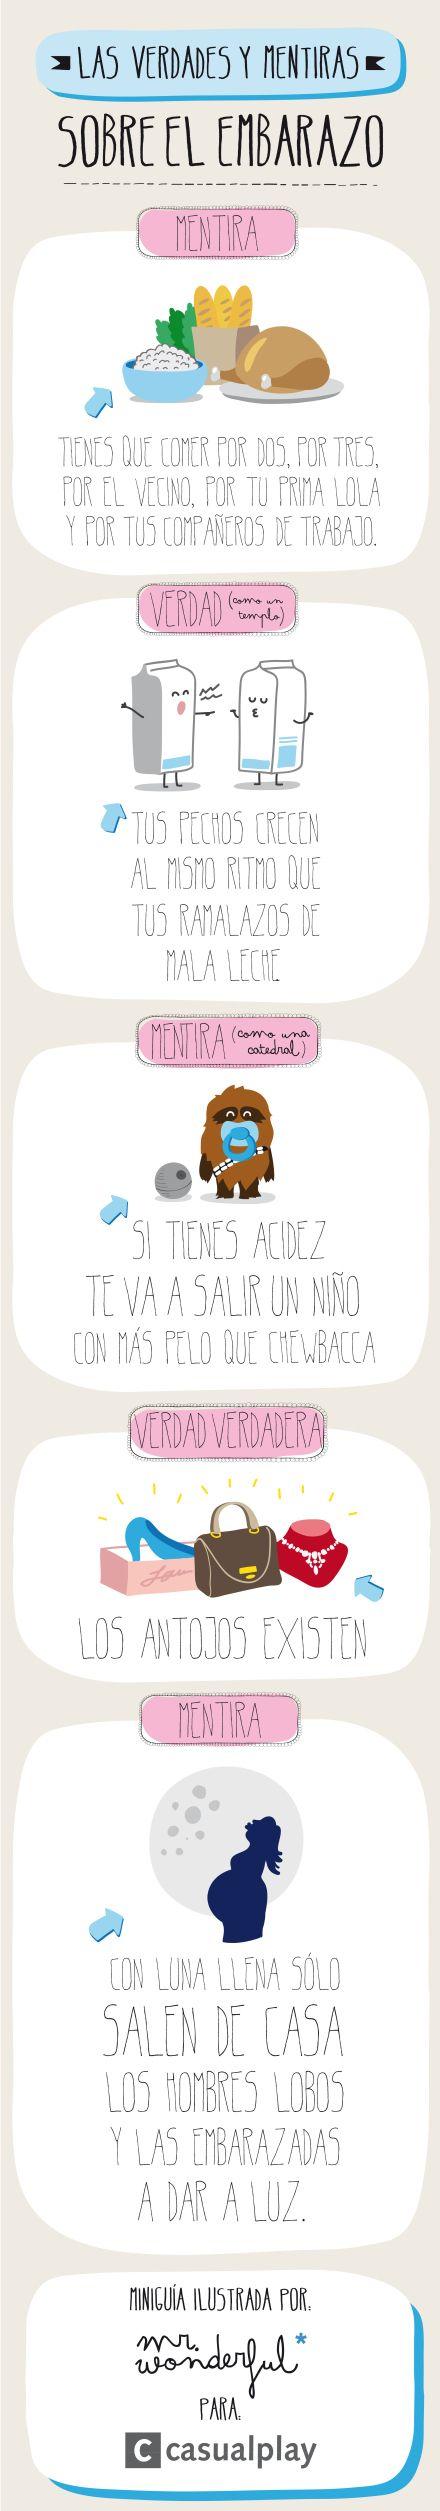 #Salud: verdades y mentiras del embarazo por nuestros amigos de Mr. Wonderful.  #Estética Médica Pentinel www.muymolon.com